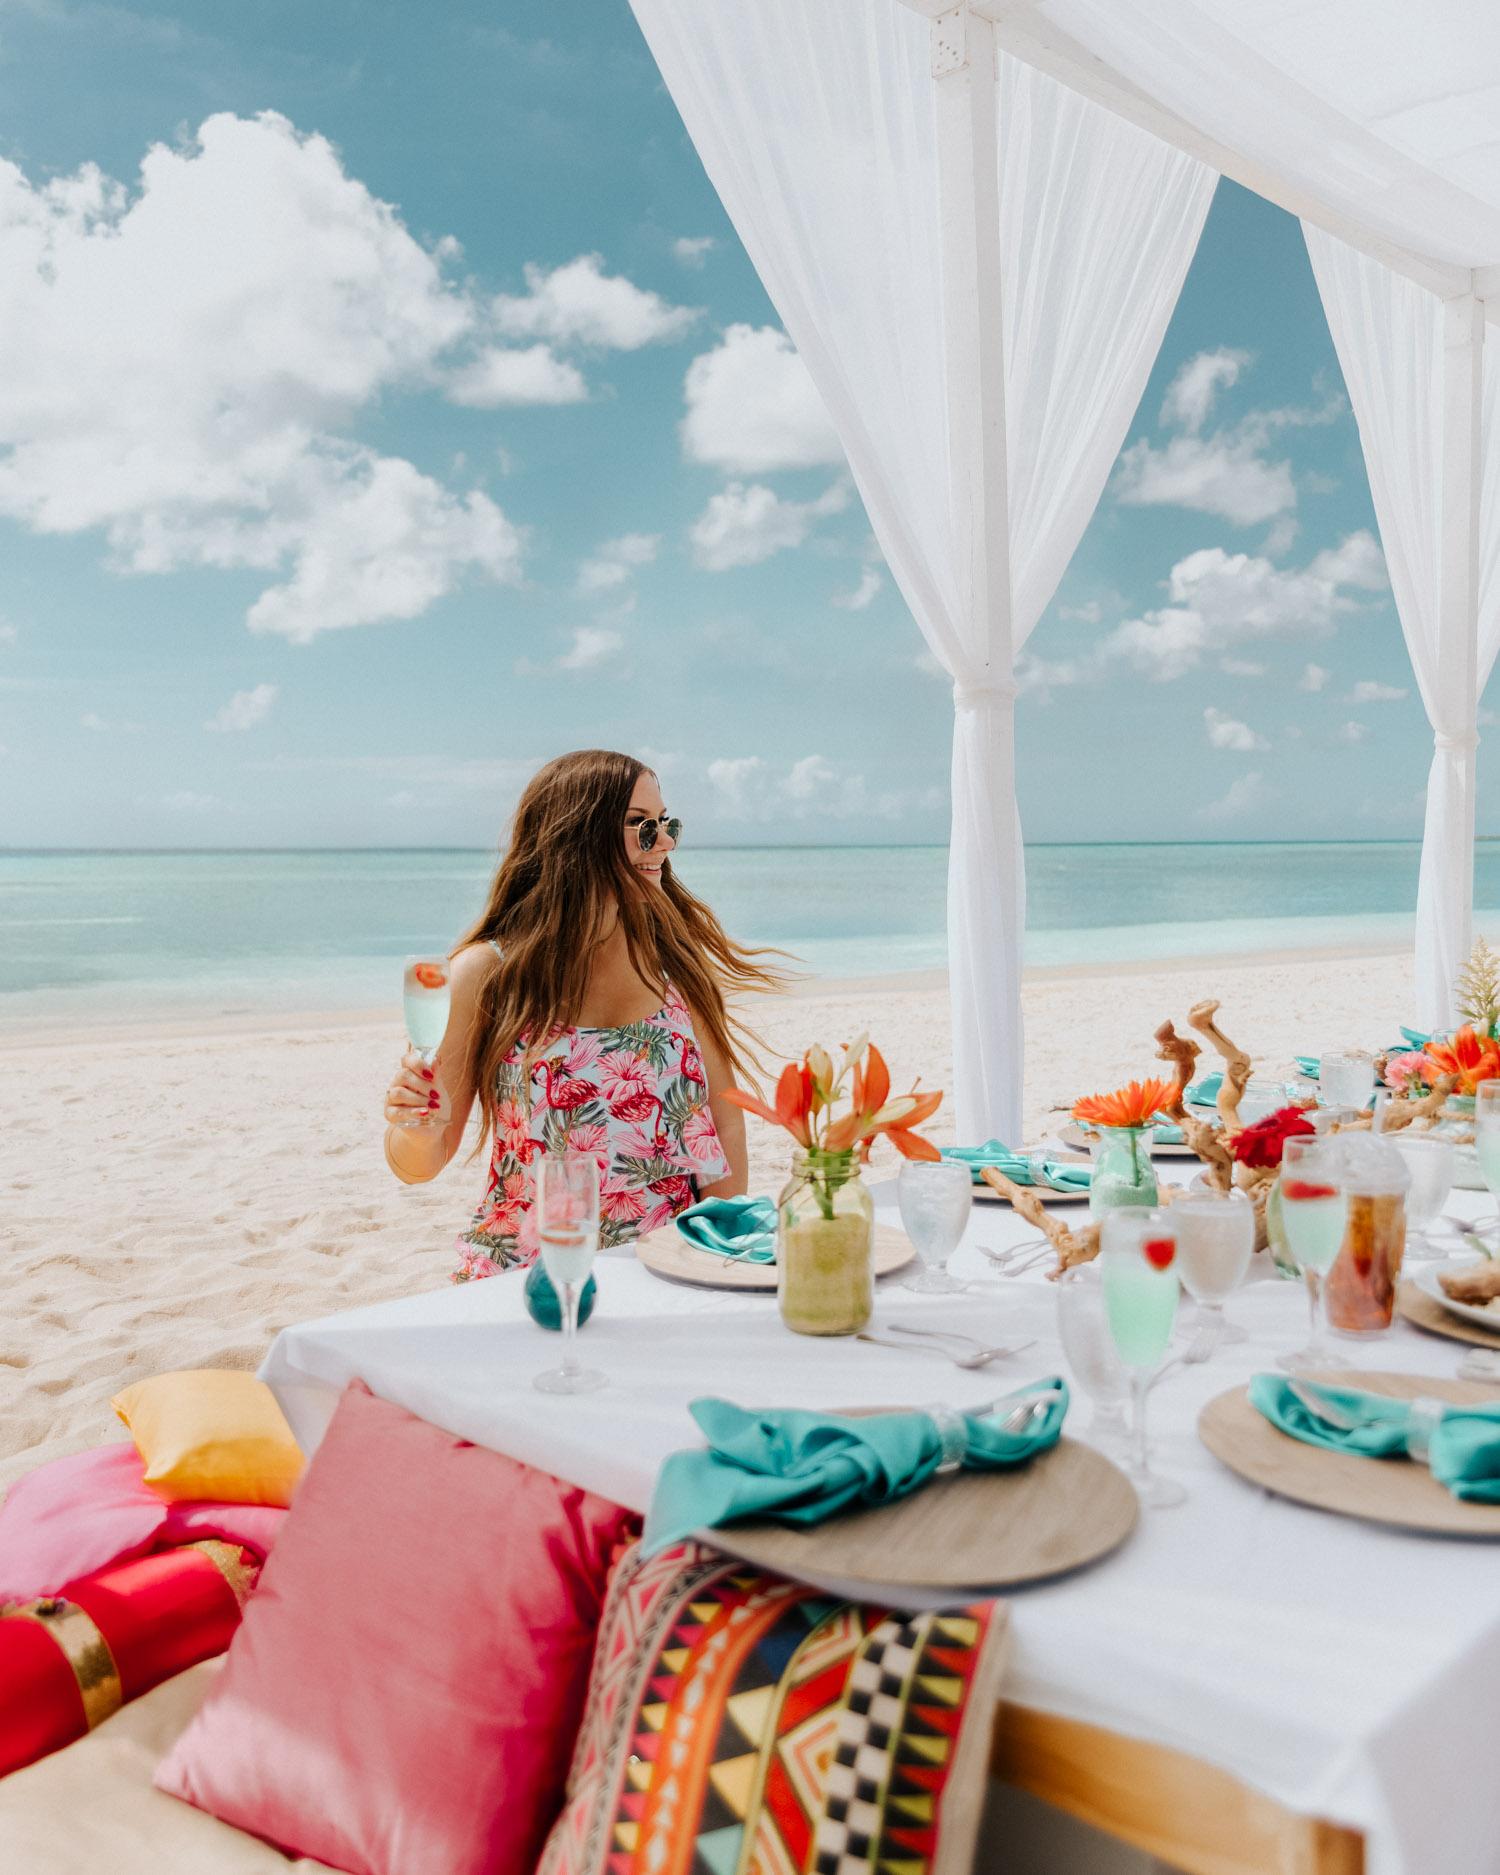 Lunch på stranden, Aruba, Västindien